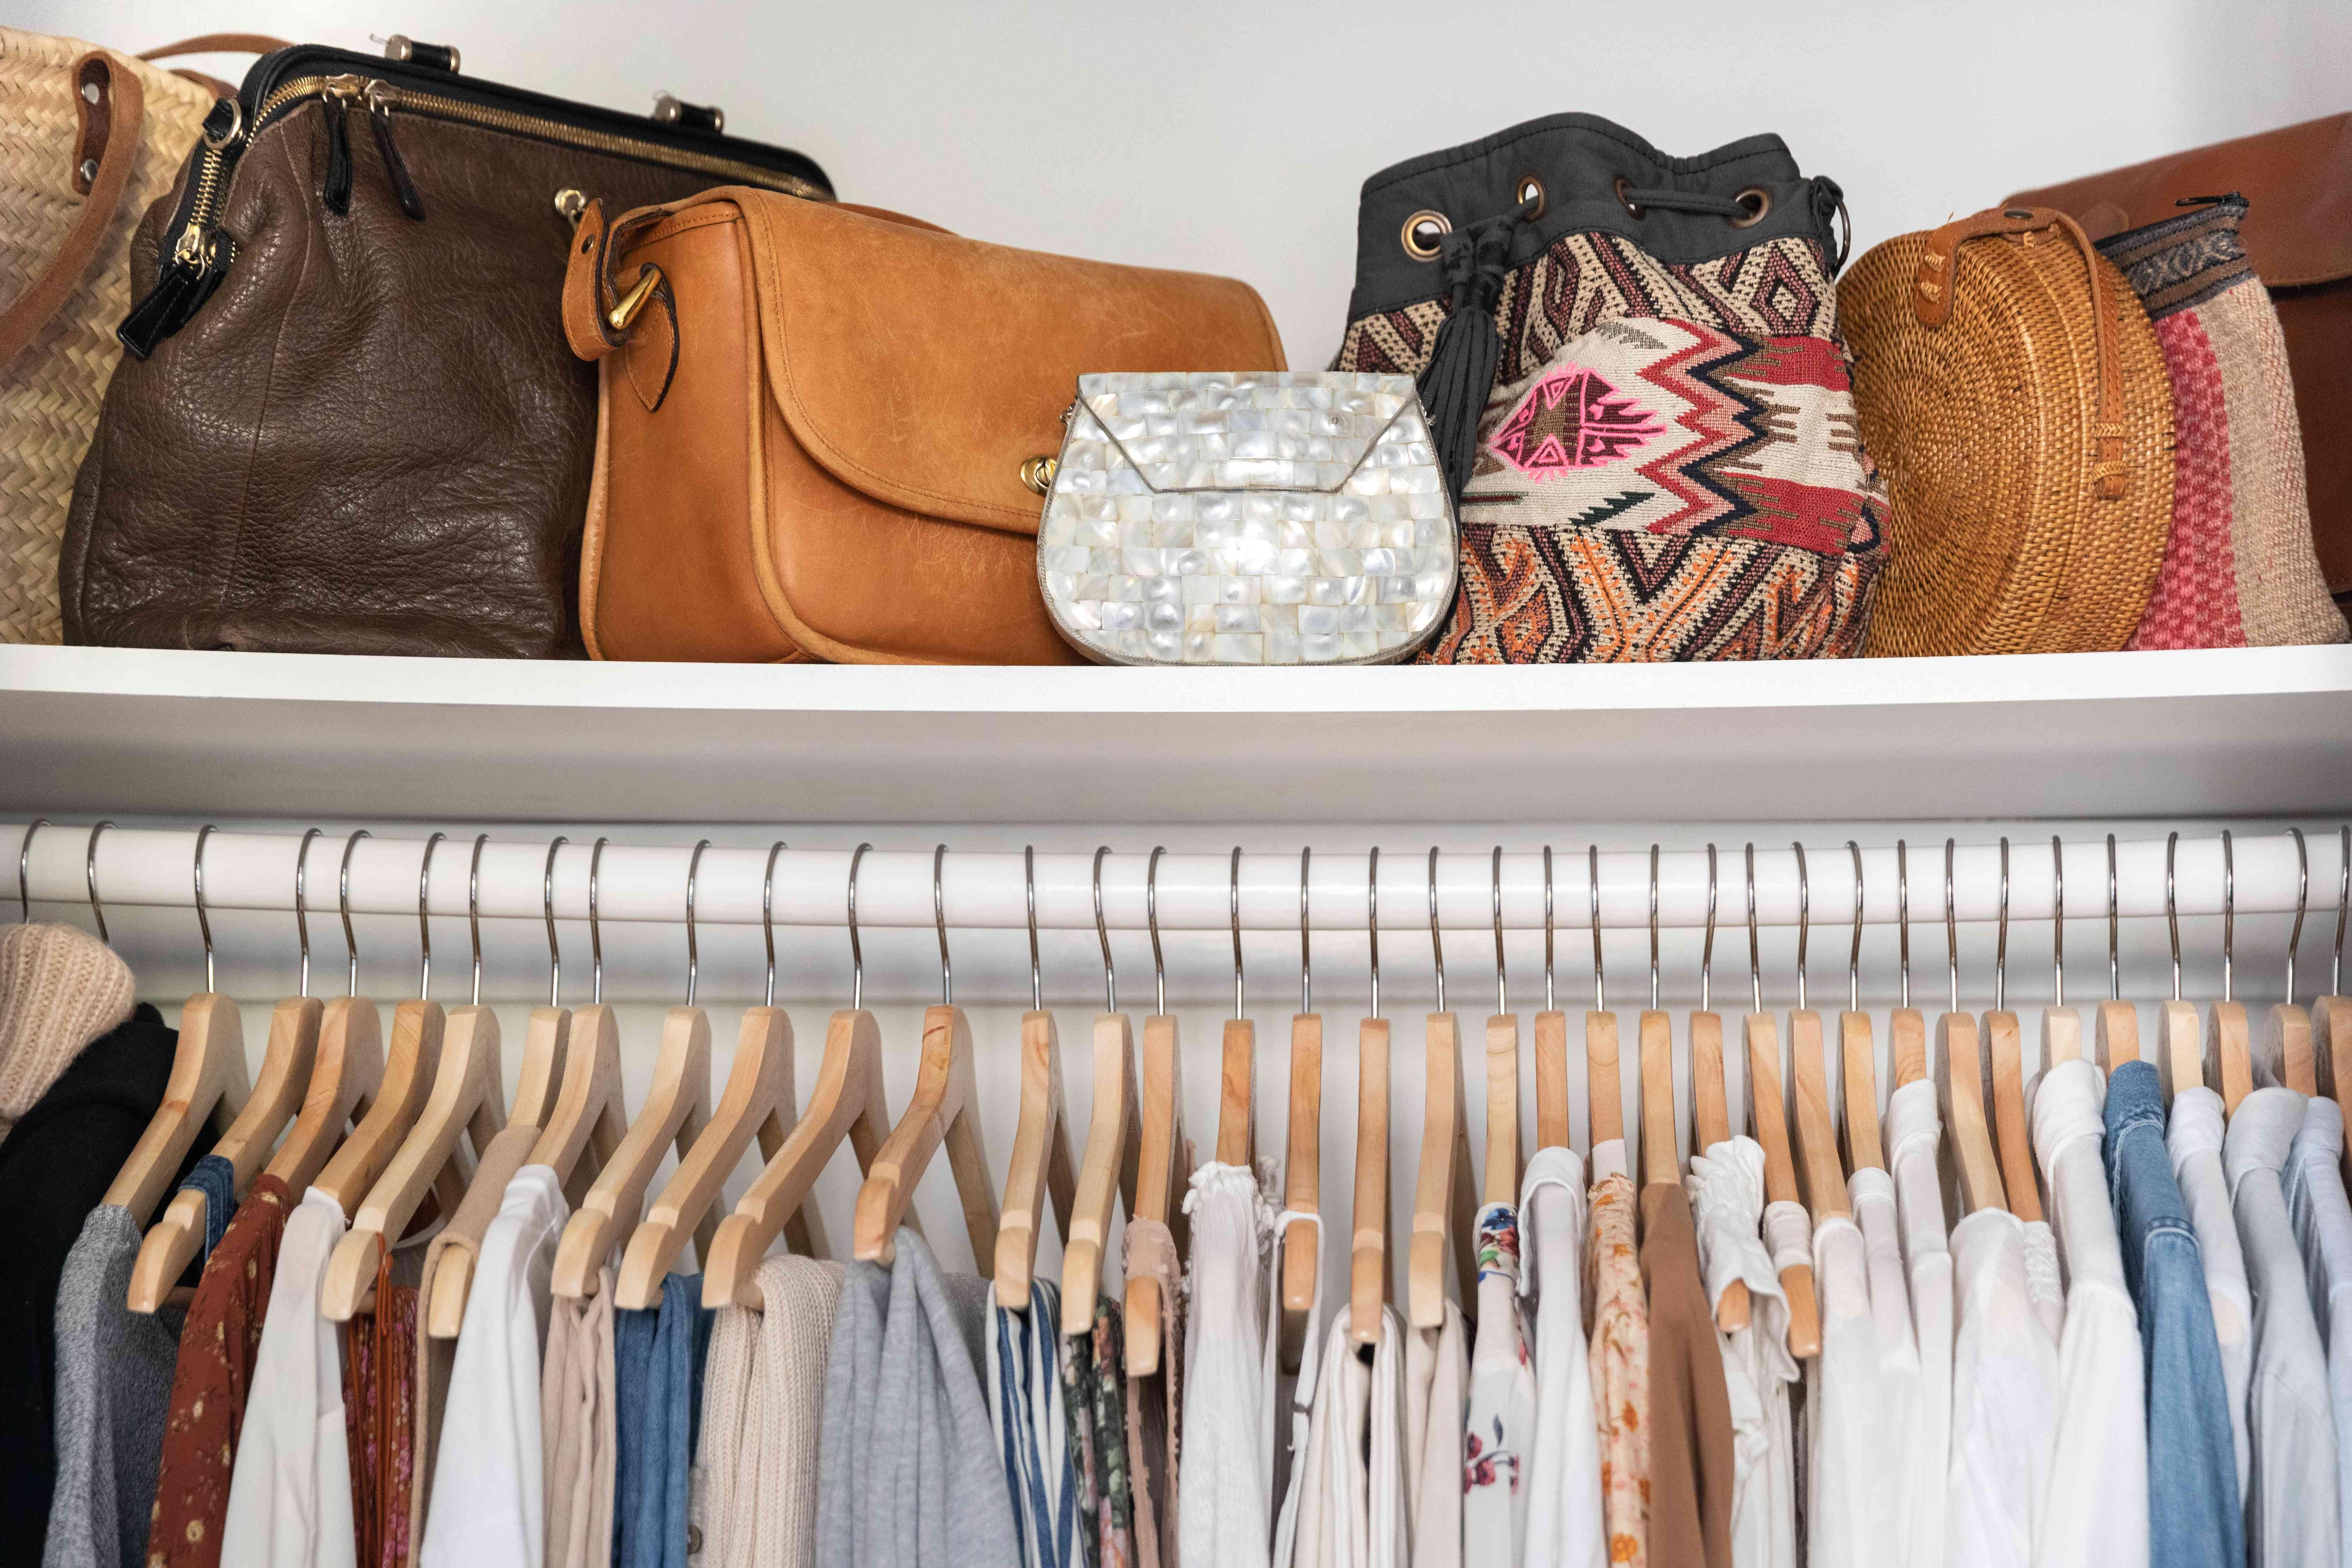 using high shelves for handbag storage